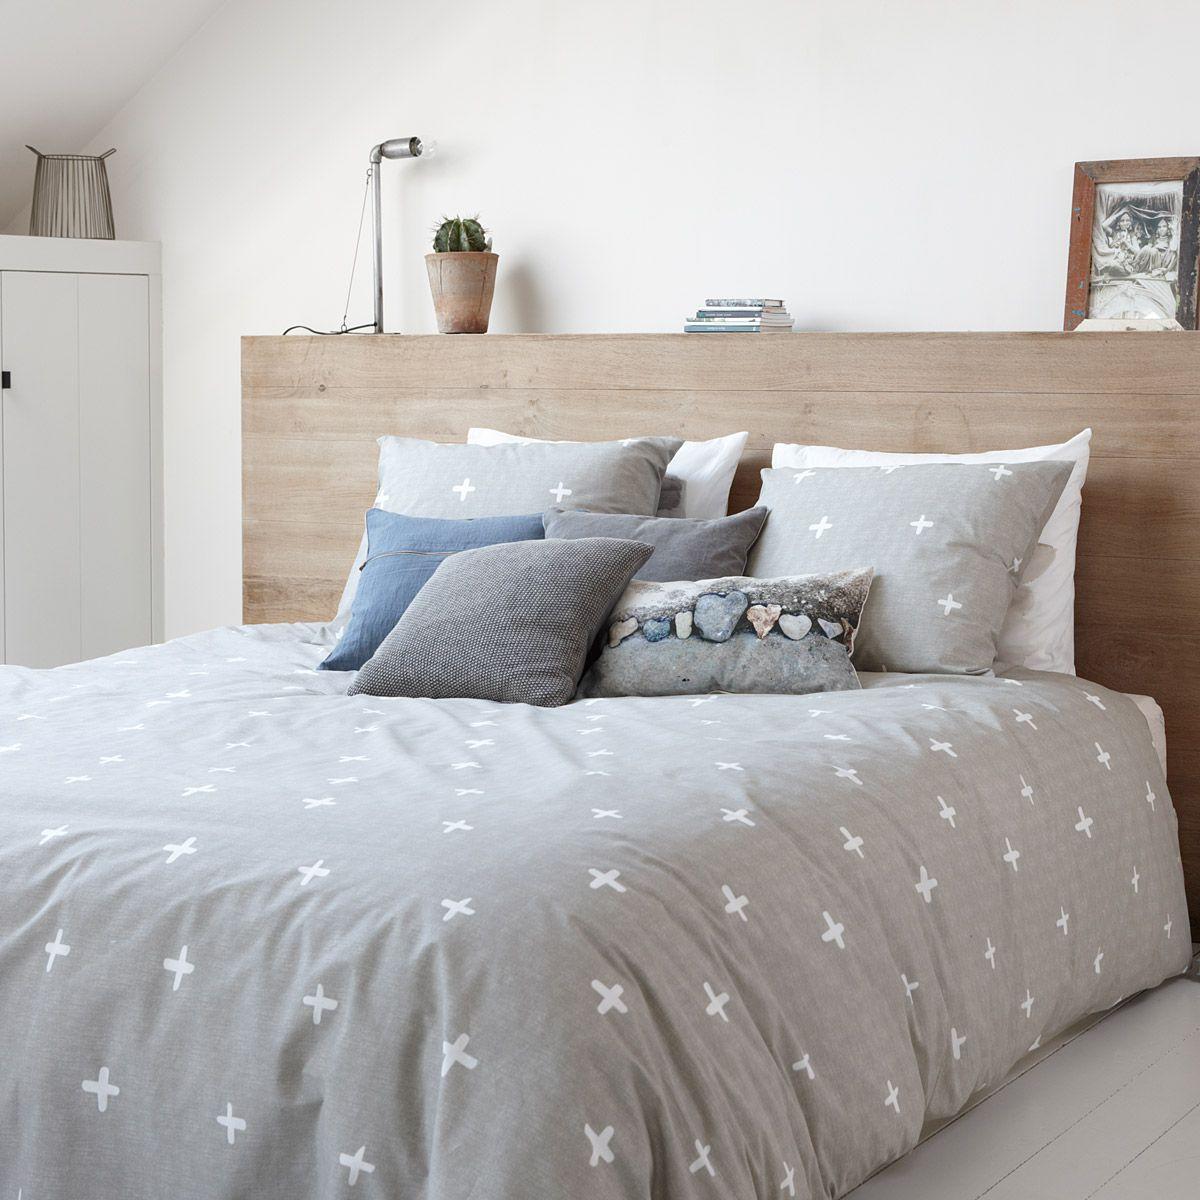 Schlafzimmer Gestalten Taupe. Paidi Kleiderschränke Welche